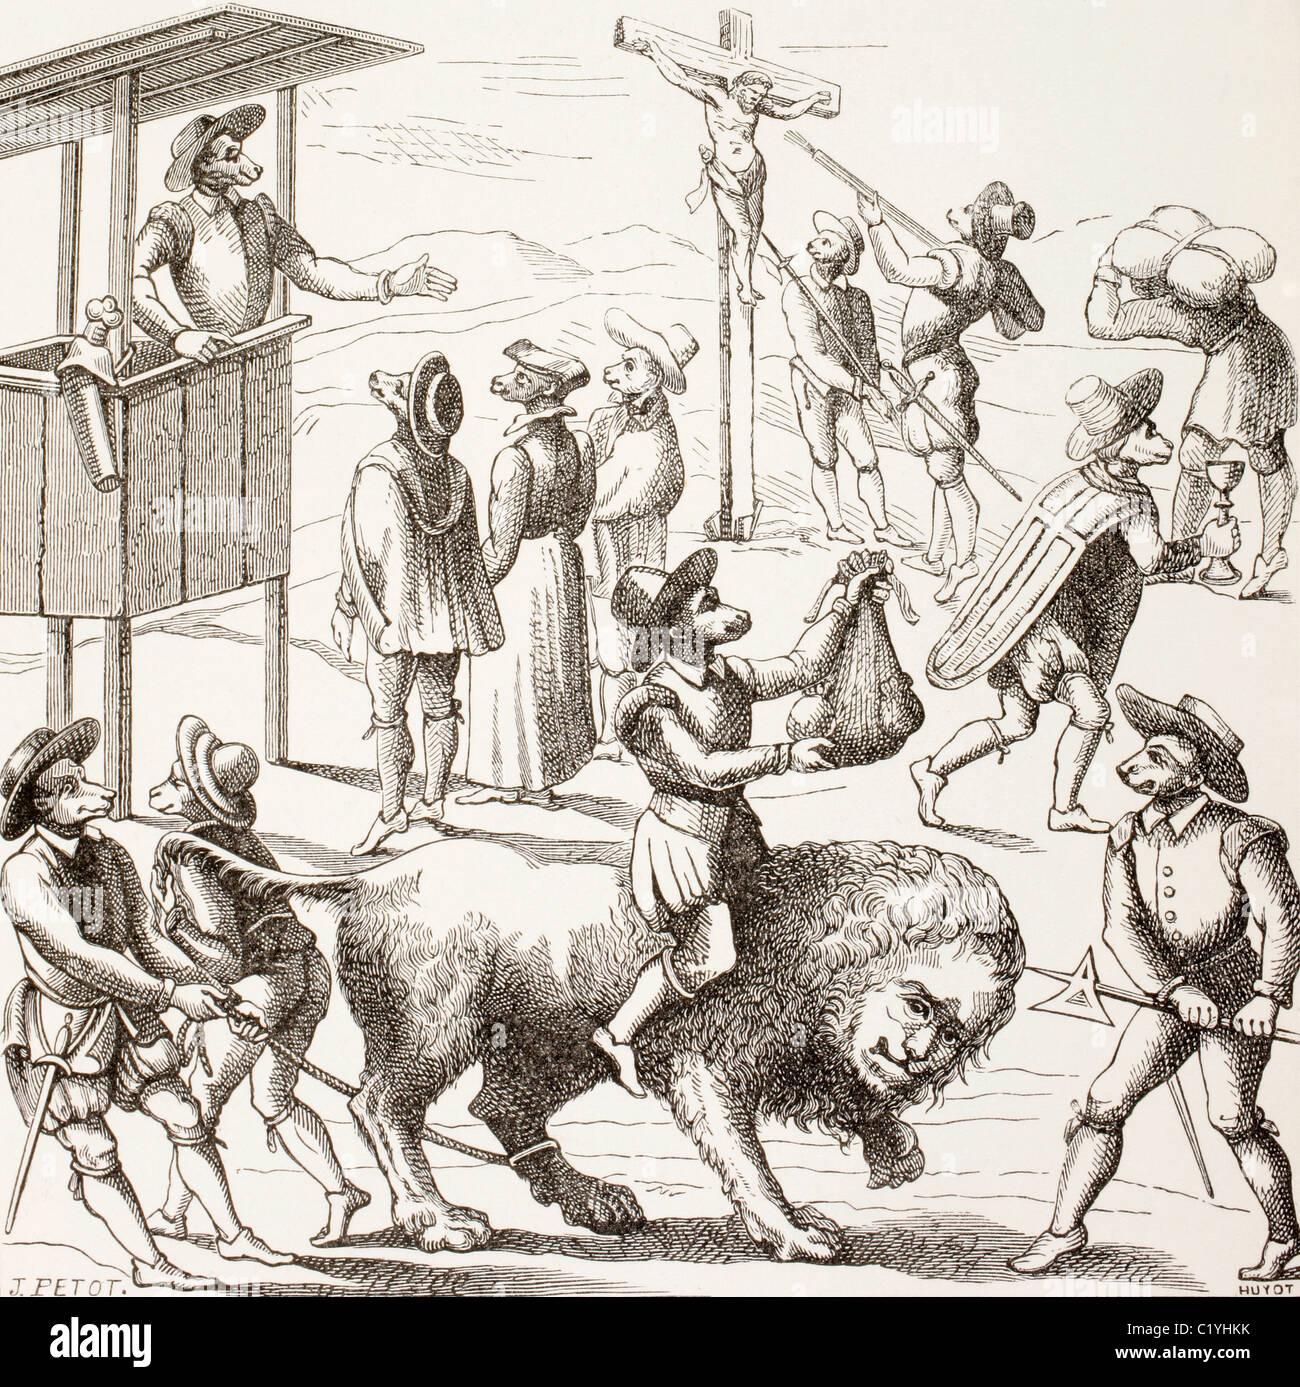 Imagen alegórica de excesos habrían sido cometidos por los hugonotes. Imagen De Stock